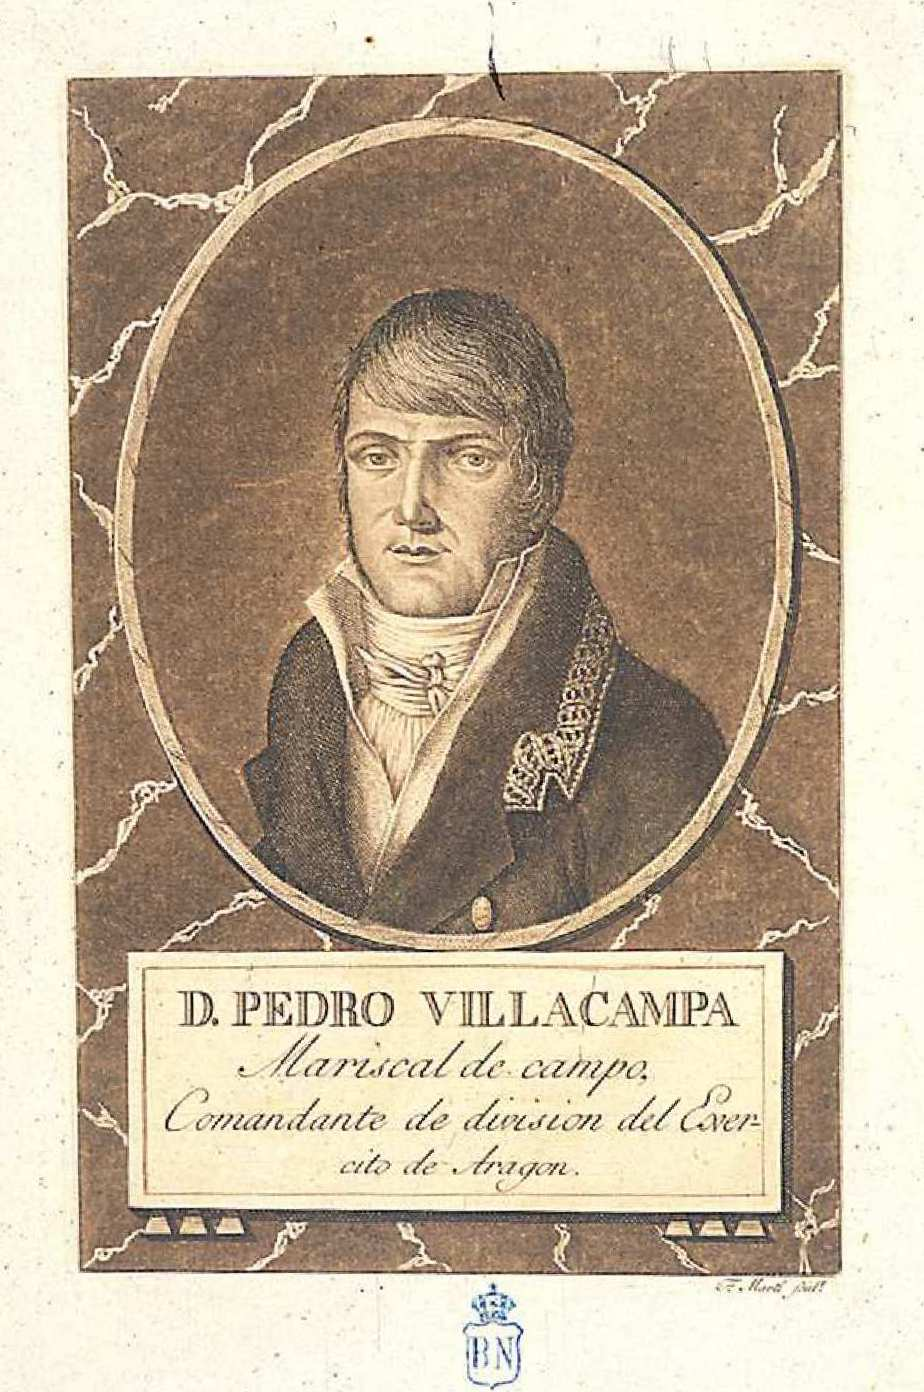 Pedro villacampa y maza de lizana wikipedia la for Pedro camera it